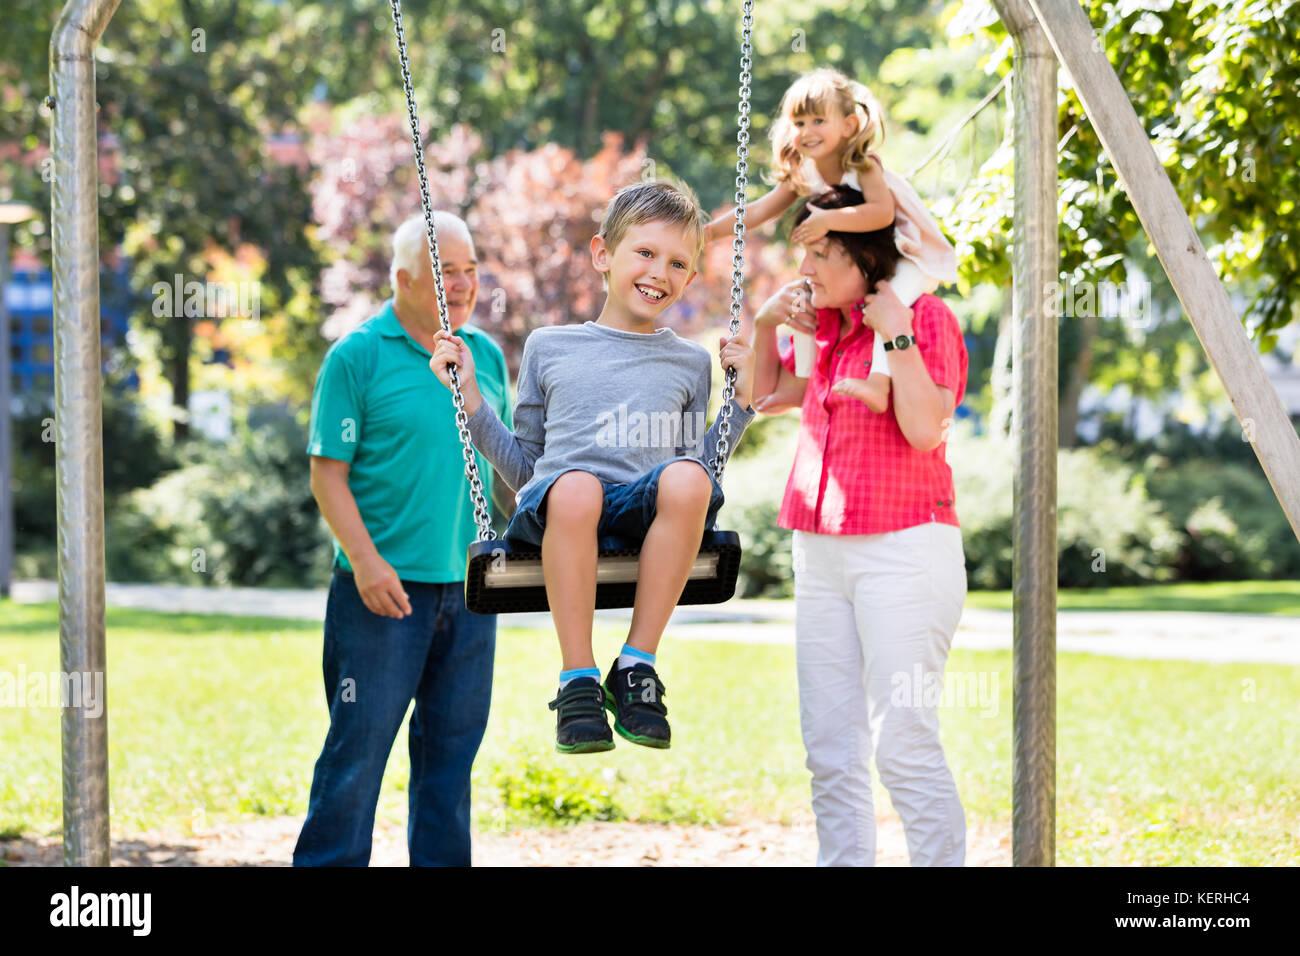 Niño feliz divirtiéndose en swing con abuelos de pie detrás en el parque Foto de stock